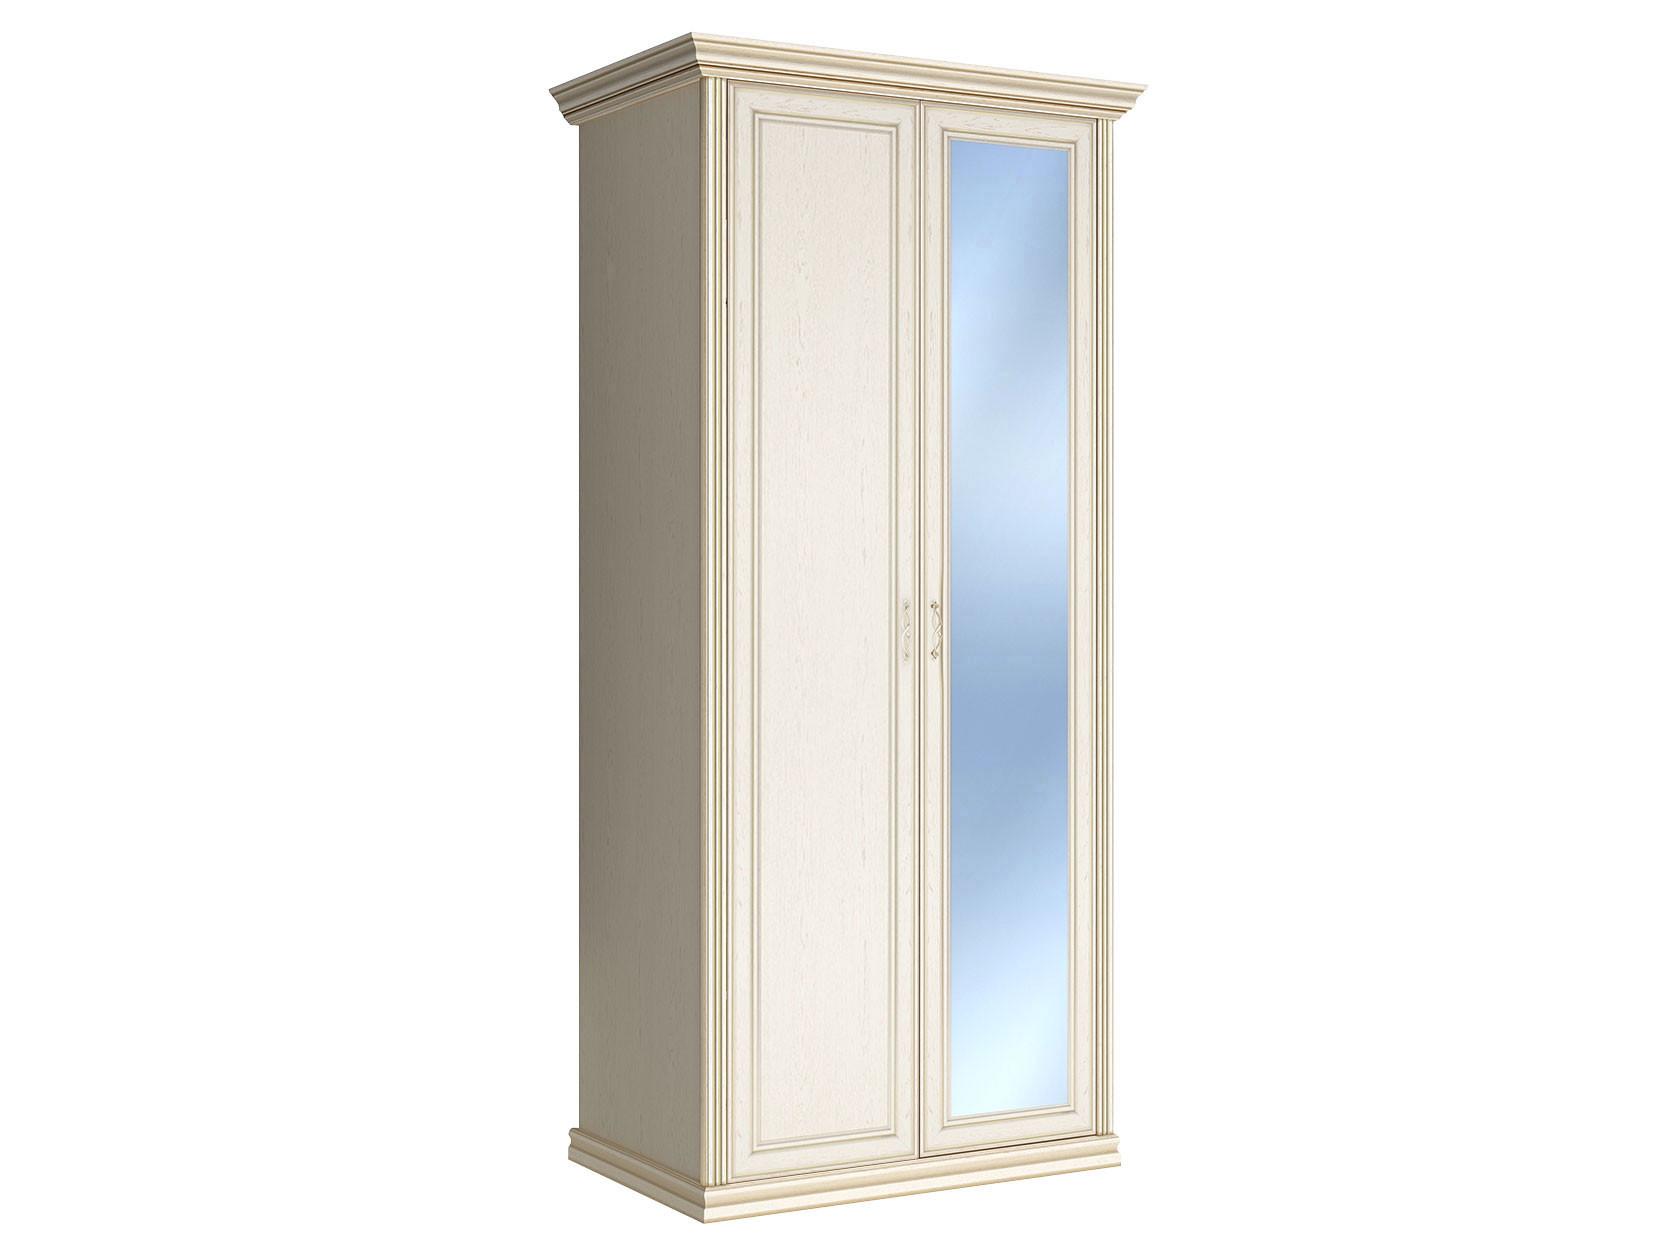 Распашной шкаф с зеркальной створкой Первый Мебельный Шкаф 2-х дверный с зеркалом Венето недорого